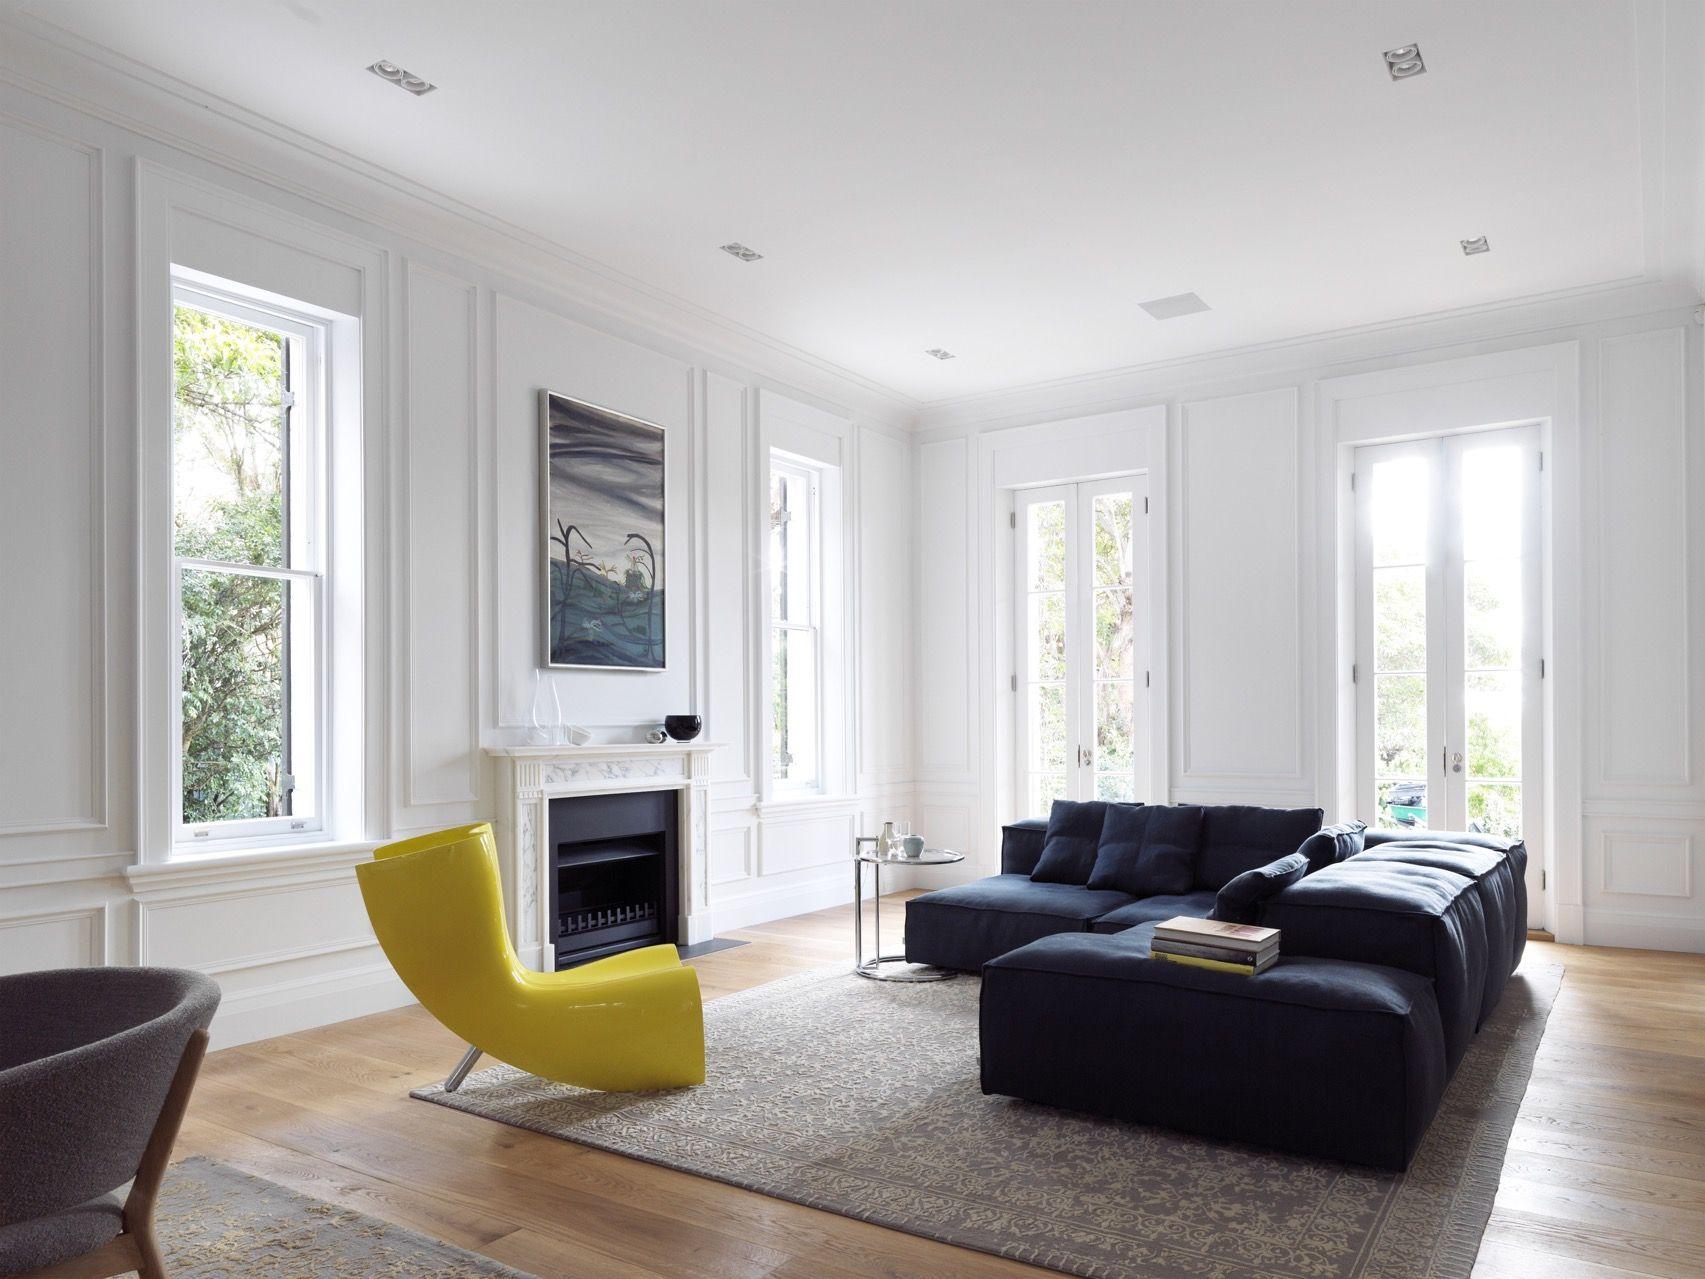 Sydney Home Furnishing Design Portfolio - Decus Interiors | living ...